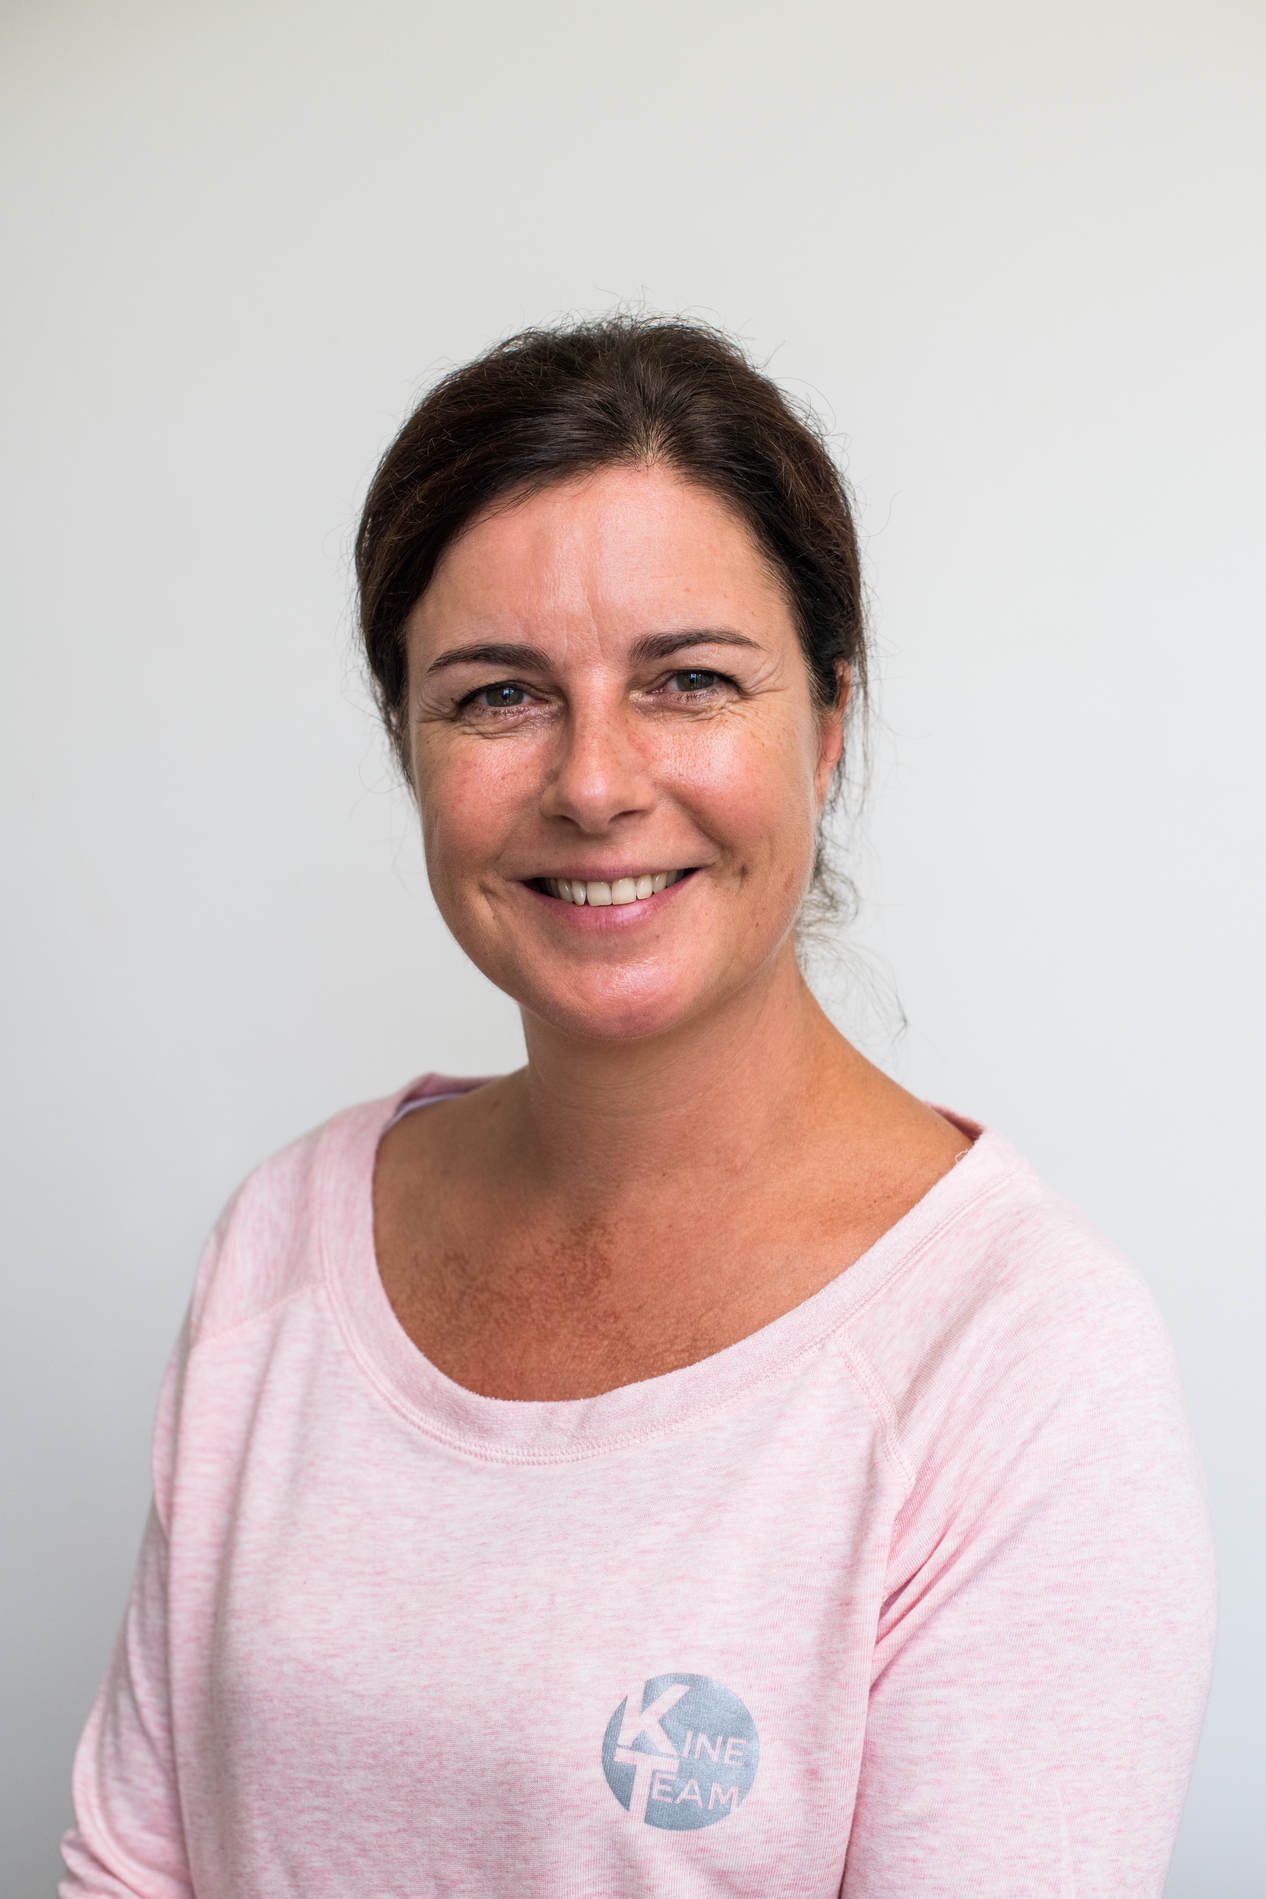 Karin Janssens